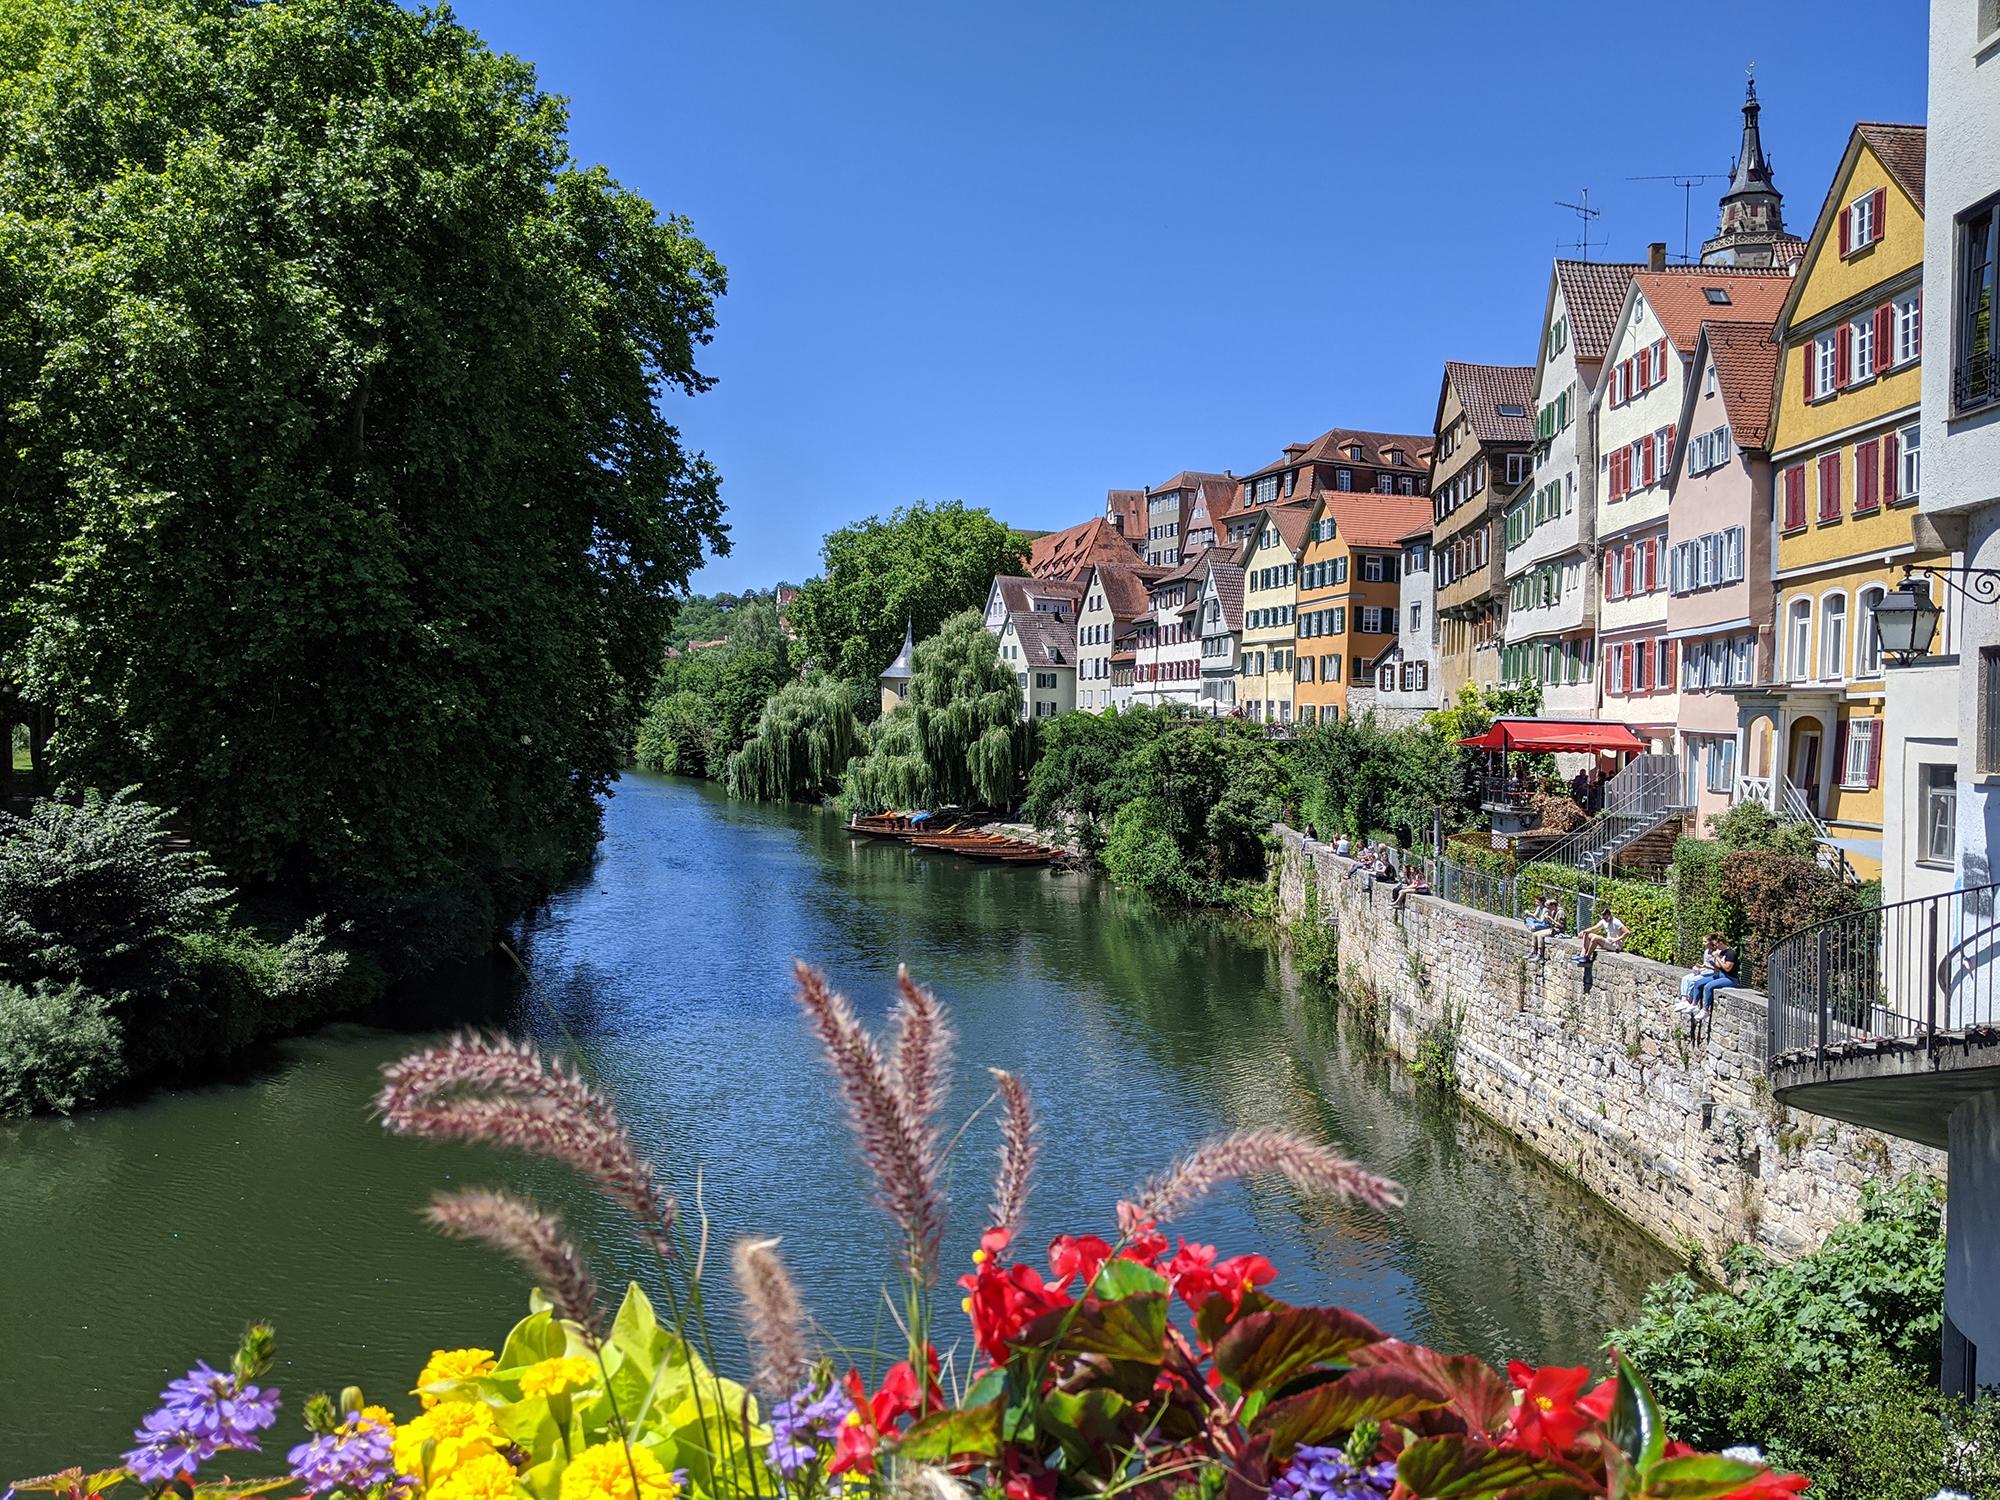 Neckarfront mit Blumenschmuck